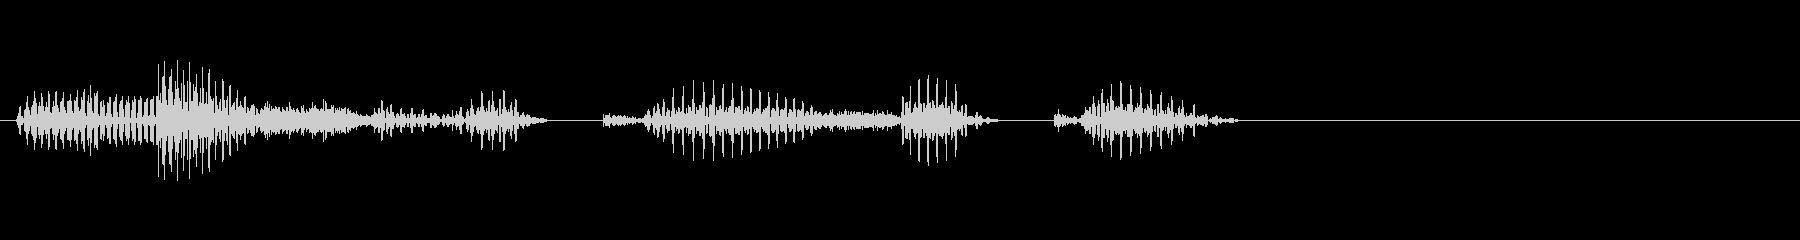 今すぐ検索(男性_柔らかい、穏やか)'s unreproduced waveform